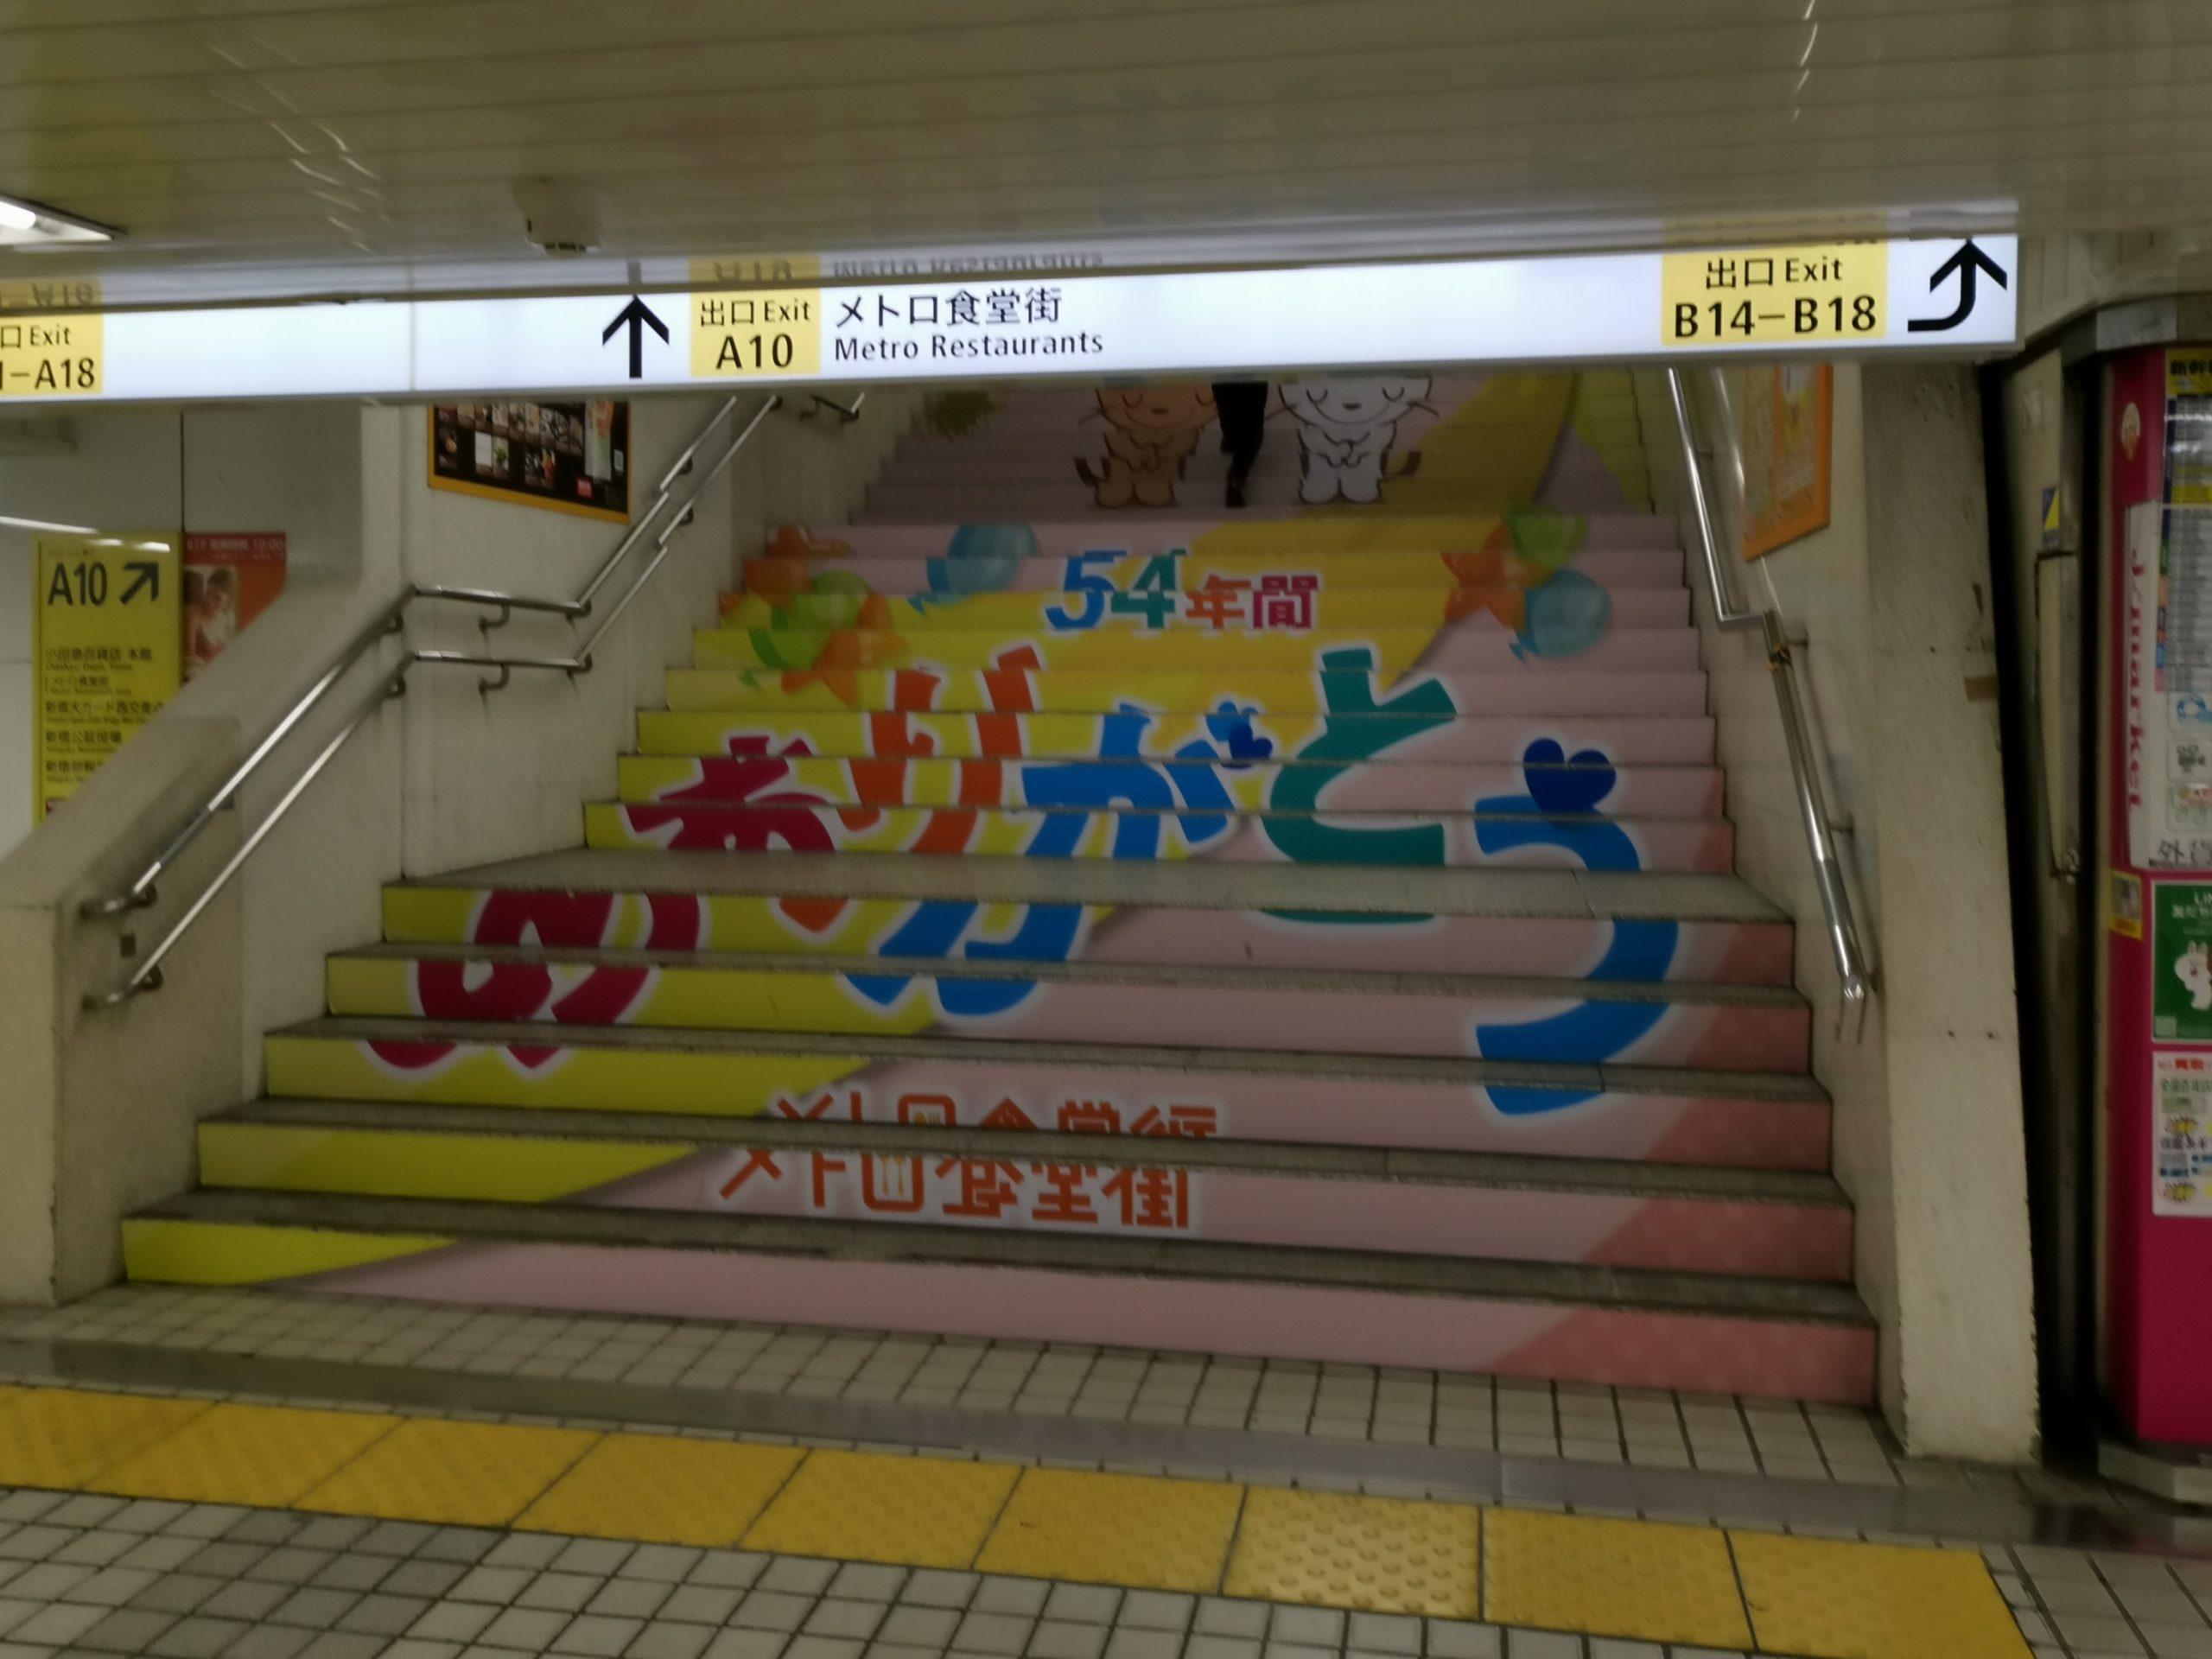 【新宿メトロ食堂街】新宿で一番の高さの「ツインタワー・高層ビル」計画が原因で閉店か 金券屋(Jマーケット)も閉店